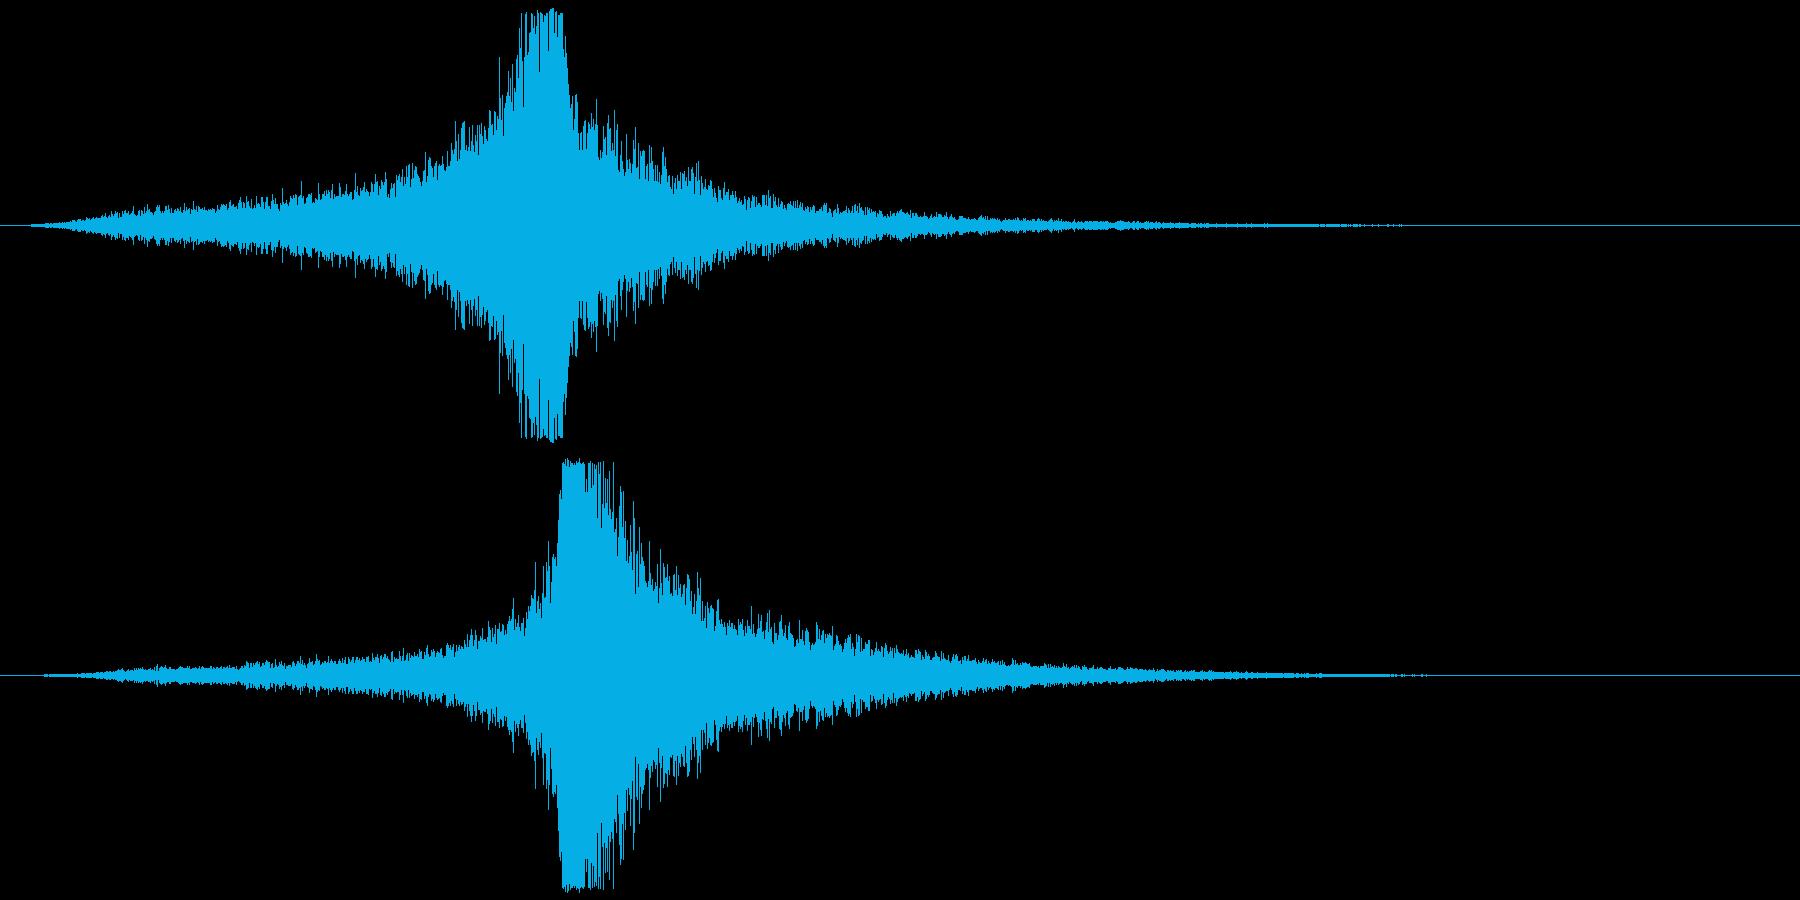 宇宙船・飛翔体#4通過 左〜右ゆっくりの再生済みの波形